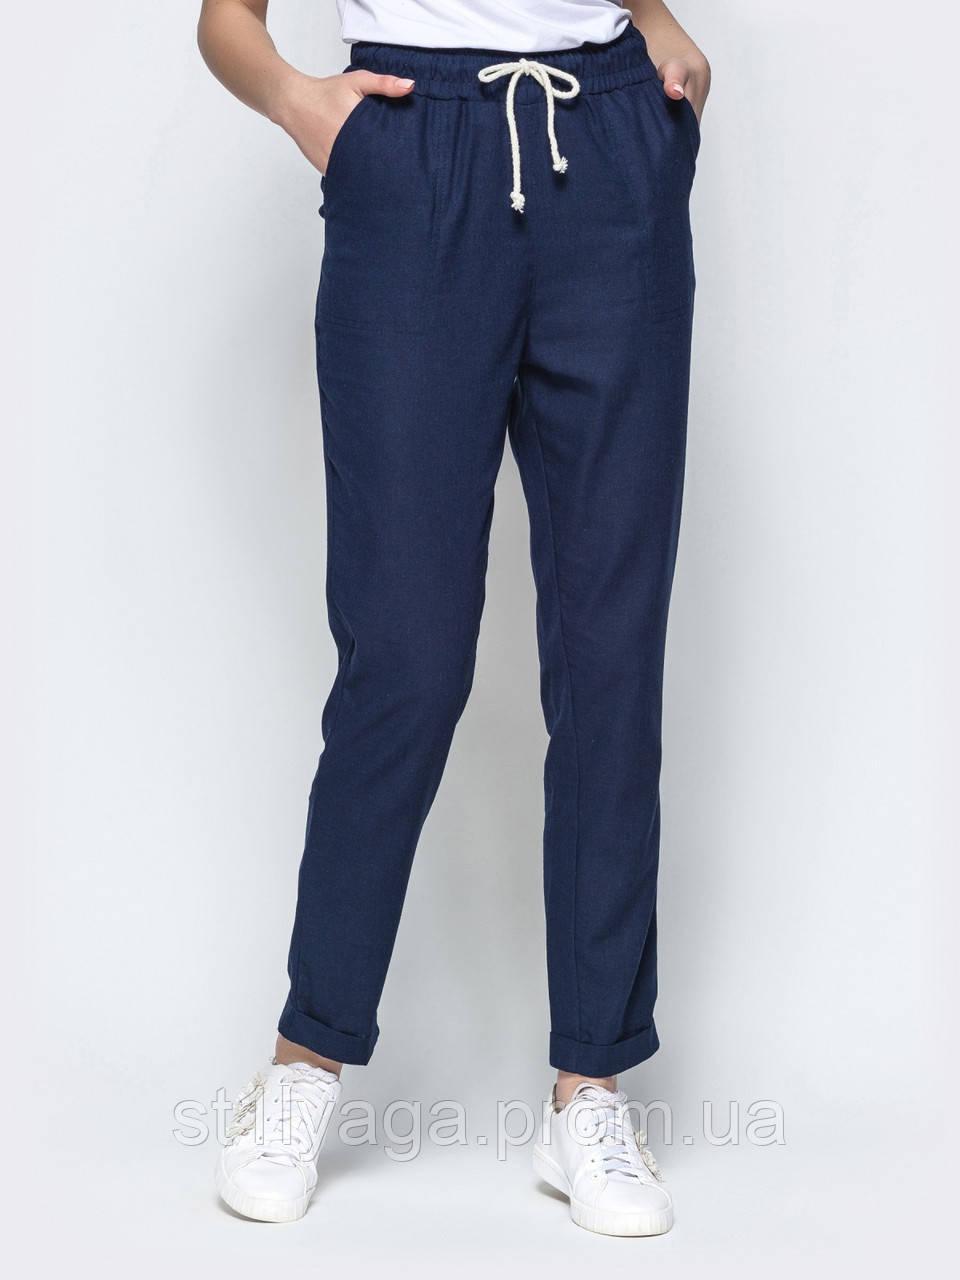 Льняные брюки с высокой посадкой и подворотами внизу ЛЕТО